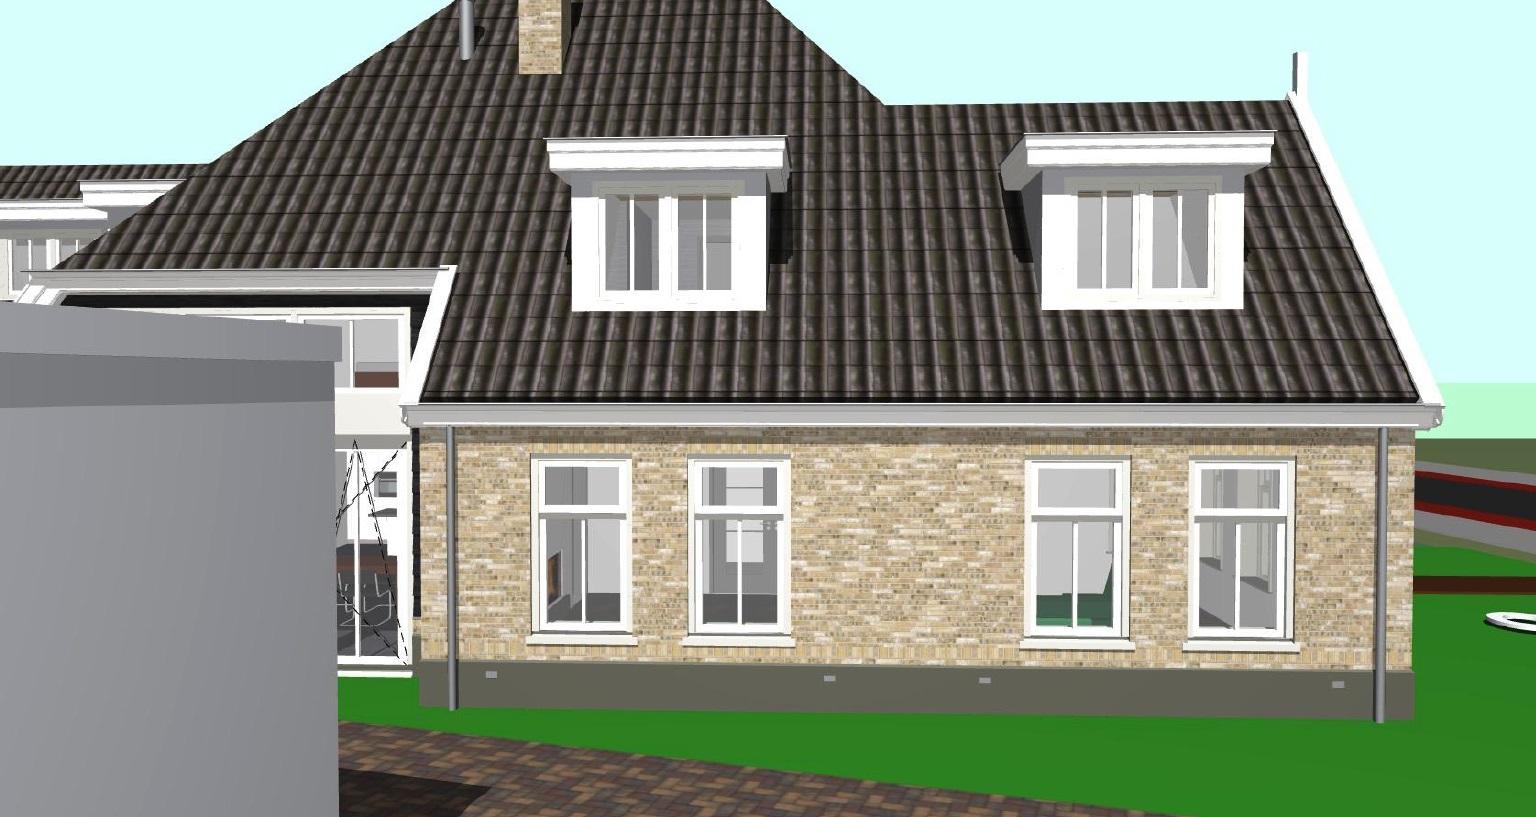 Linkergevel nieuwbouw/boerderij woonhuis te Schagen